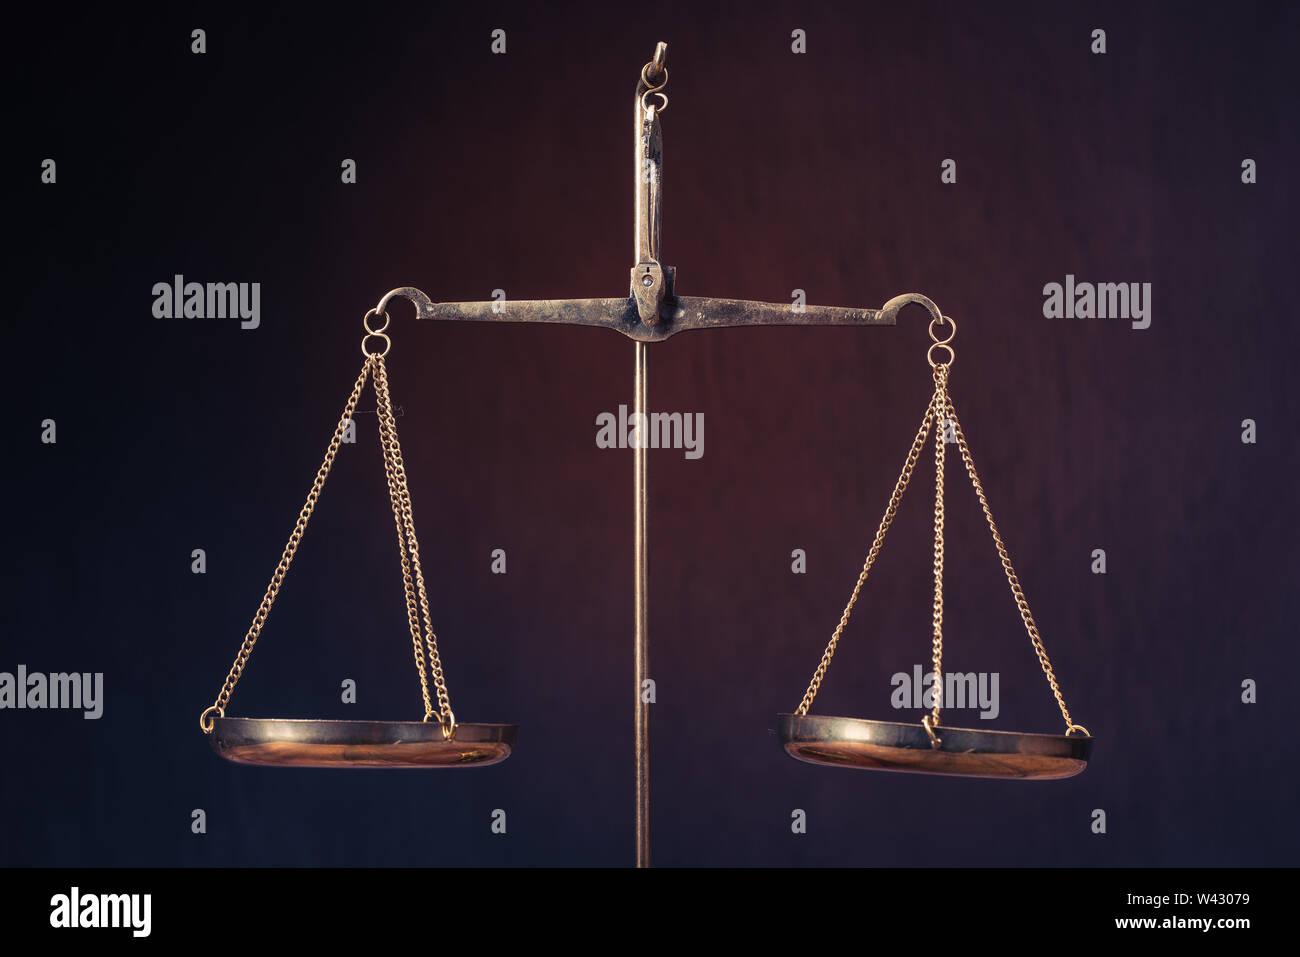 Les échelles de la Loi sur la table. Symbole de la justice - Droit Banque D'Images